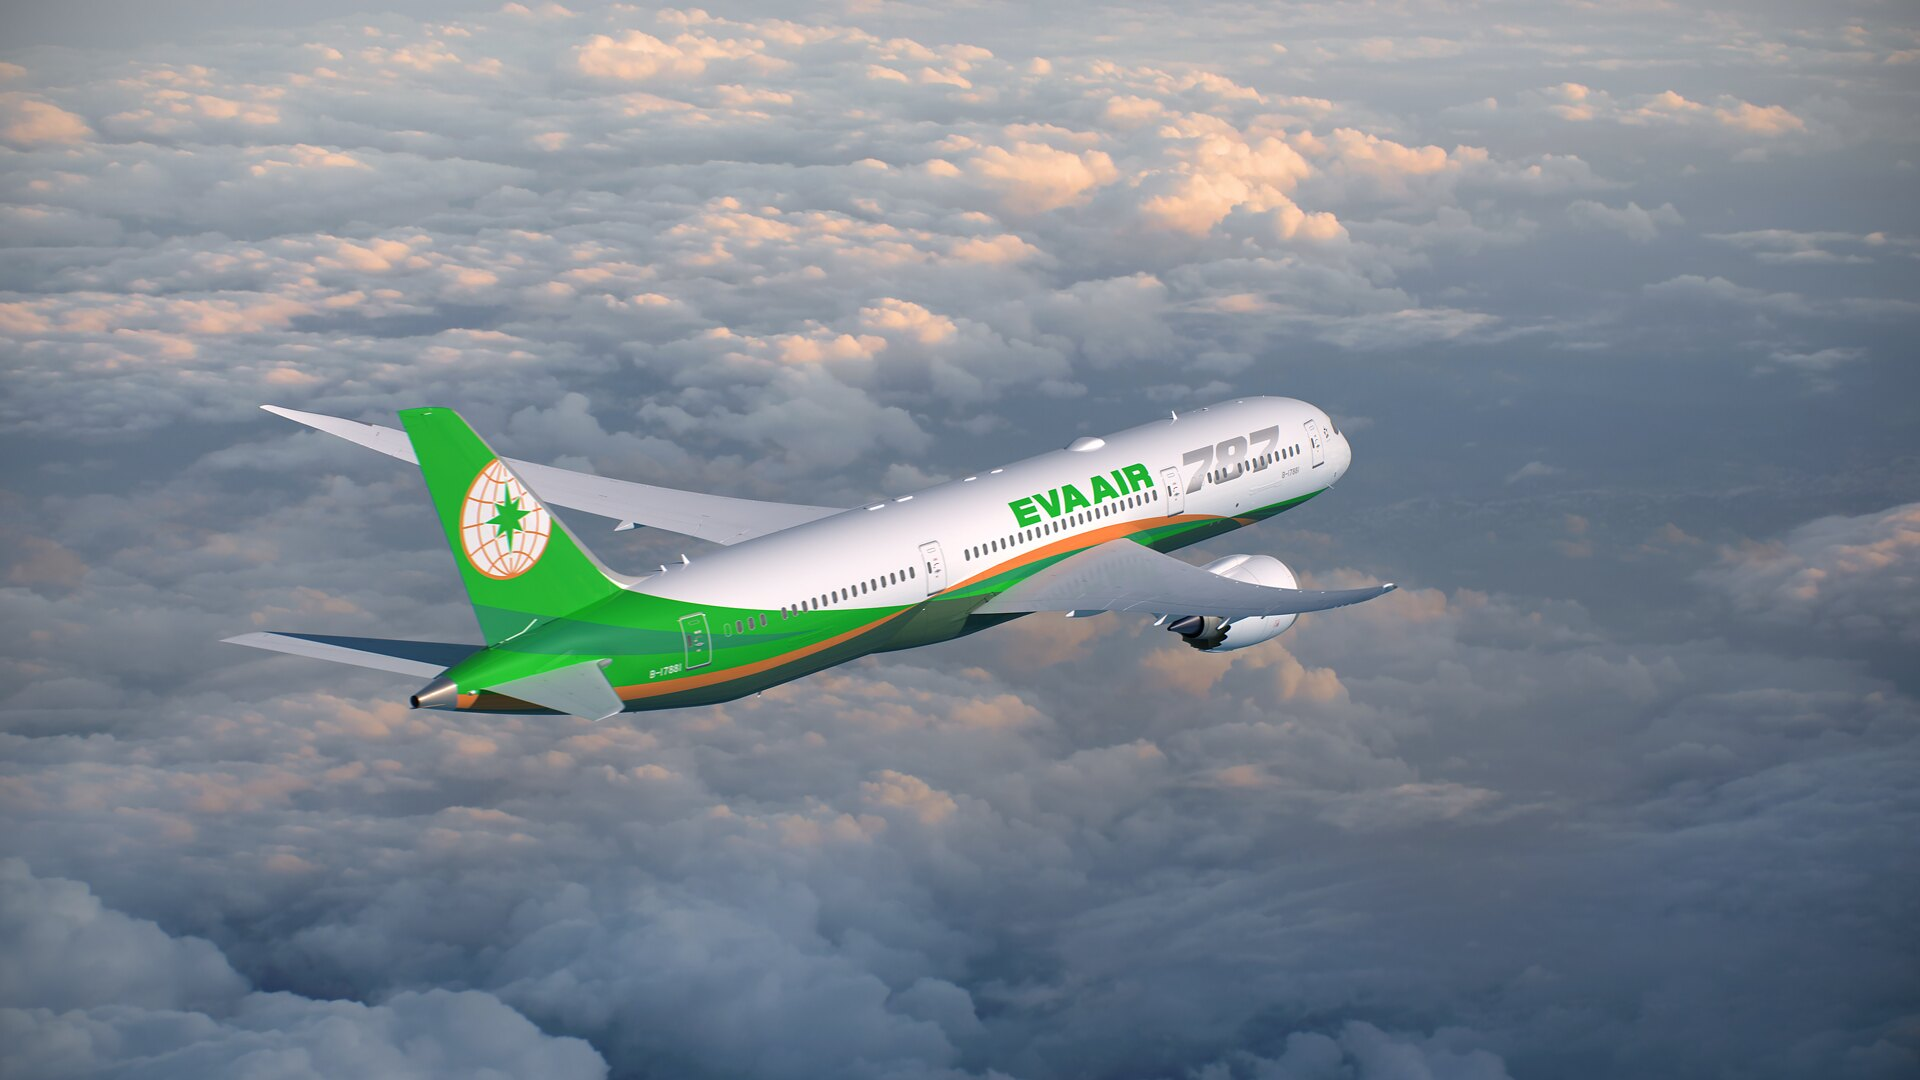 Eva Air đã hủy 852 chuyến, gồm 15 chuyến đến/đi Tân Sơn Nhất